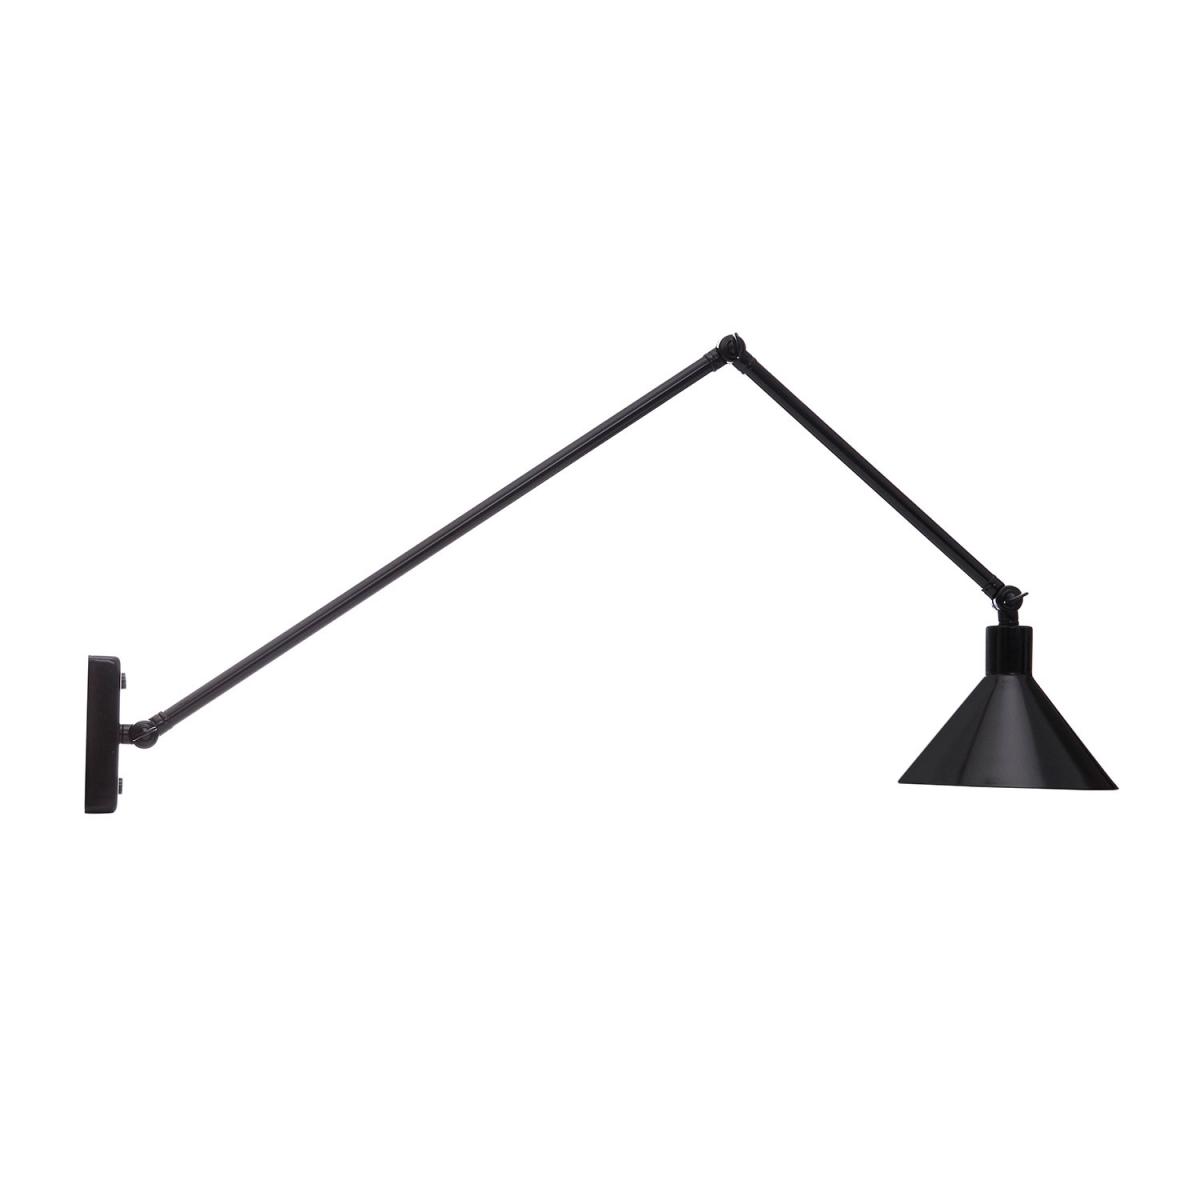 leuchte mit ausleger arm und drei gelenken zur wand und deckenmontage. Black Bedroom Furniture Sets. Home Design Ideas